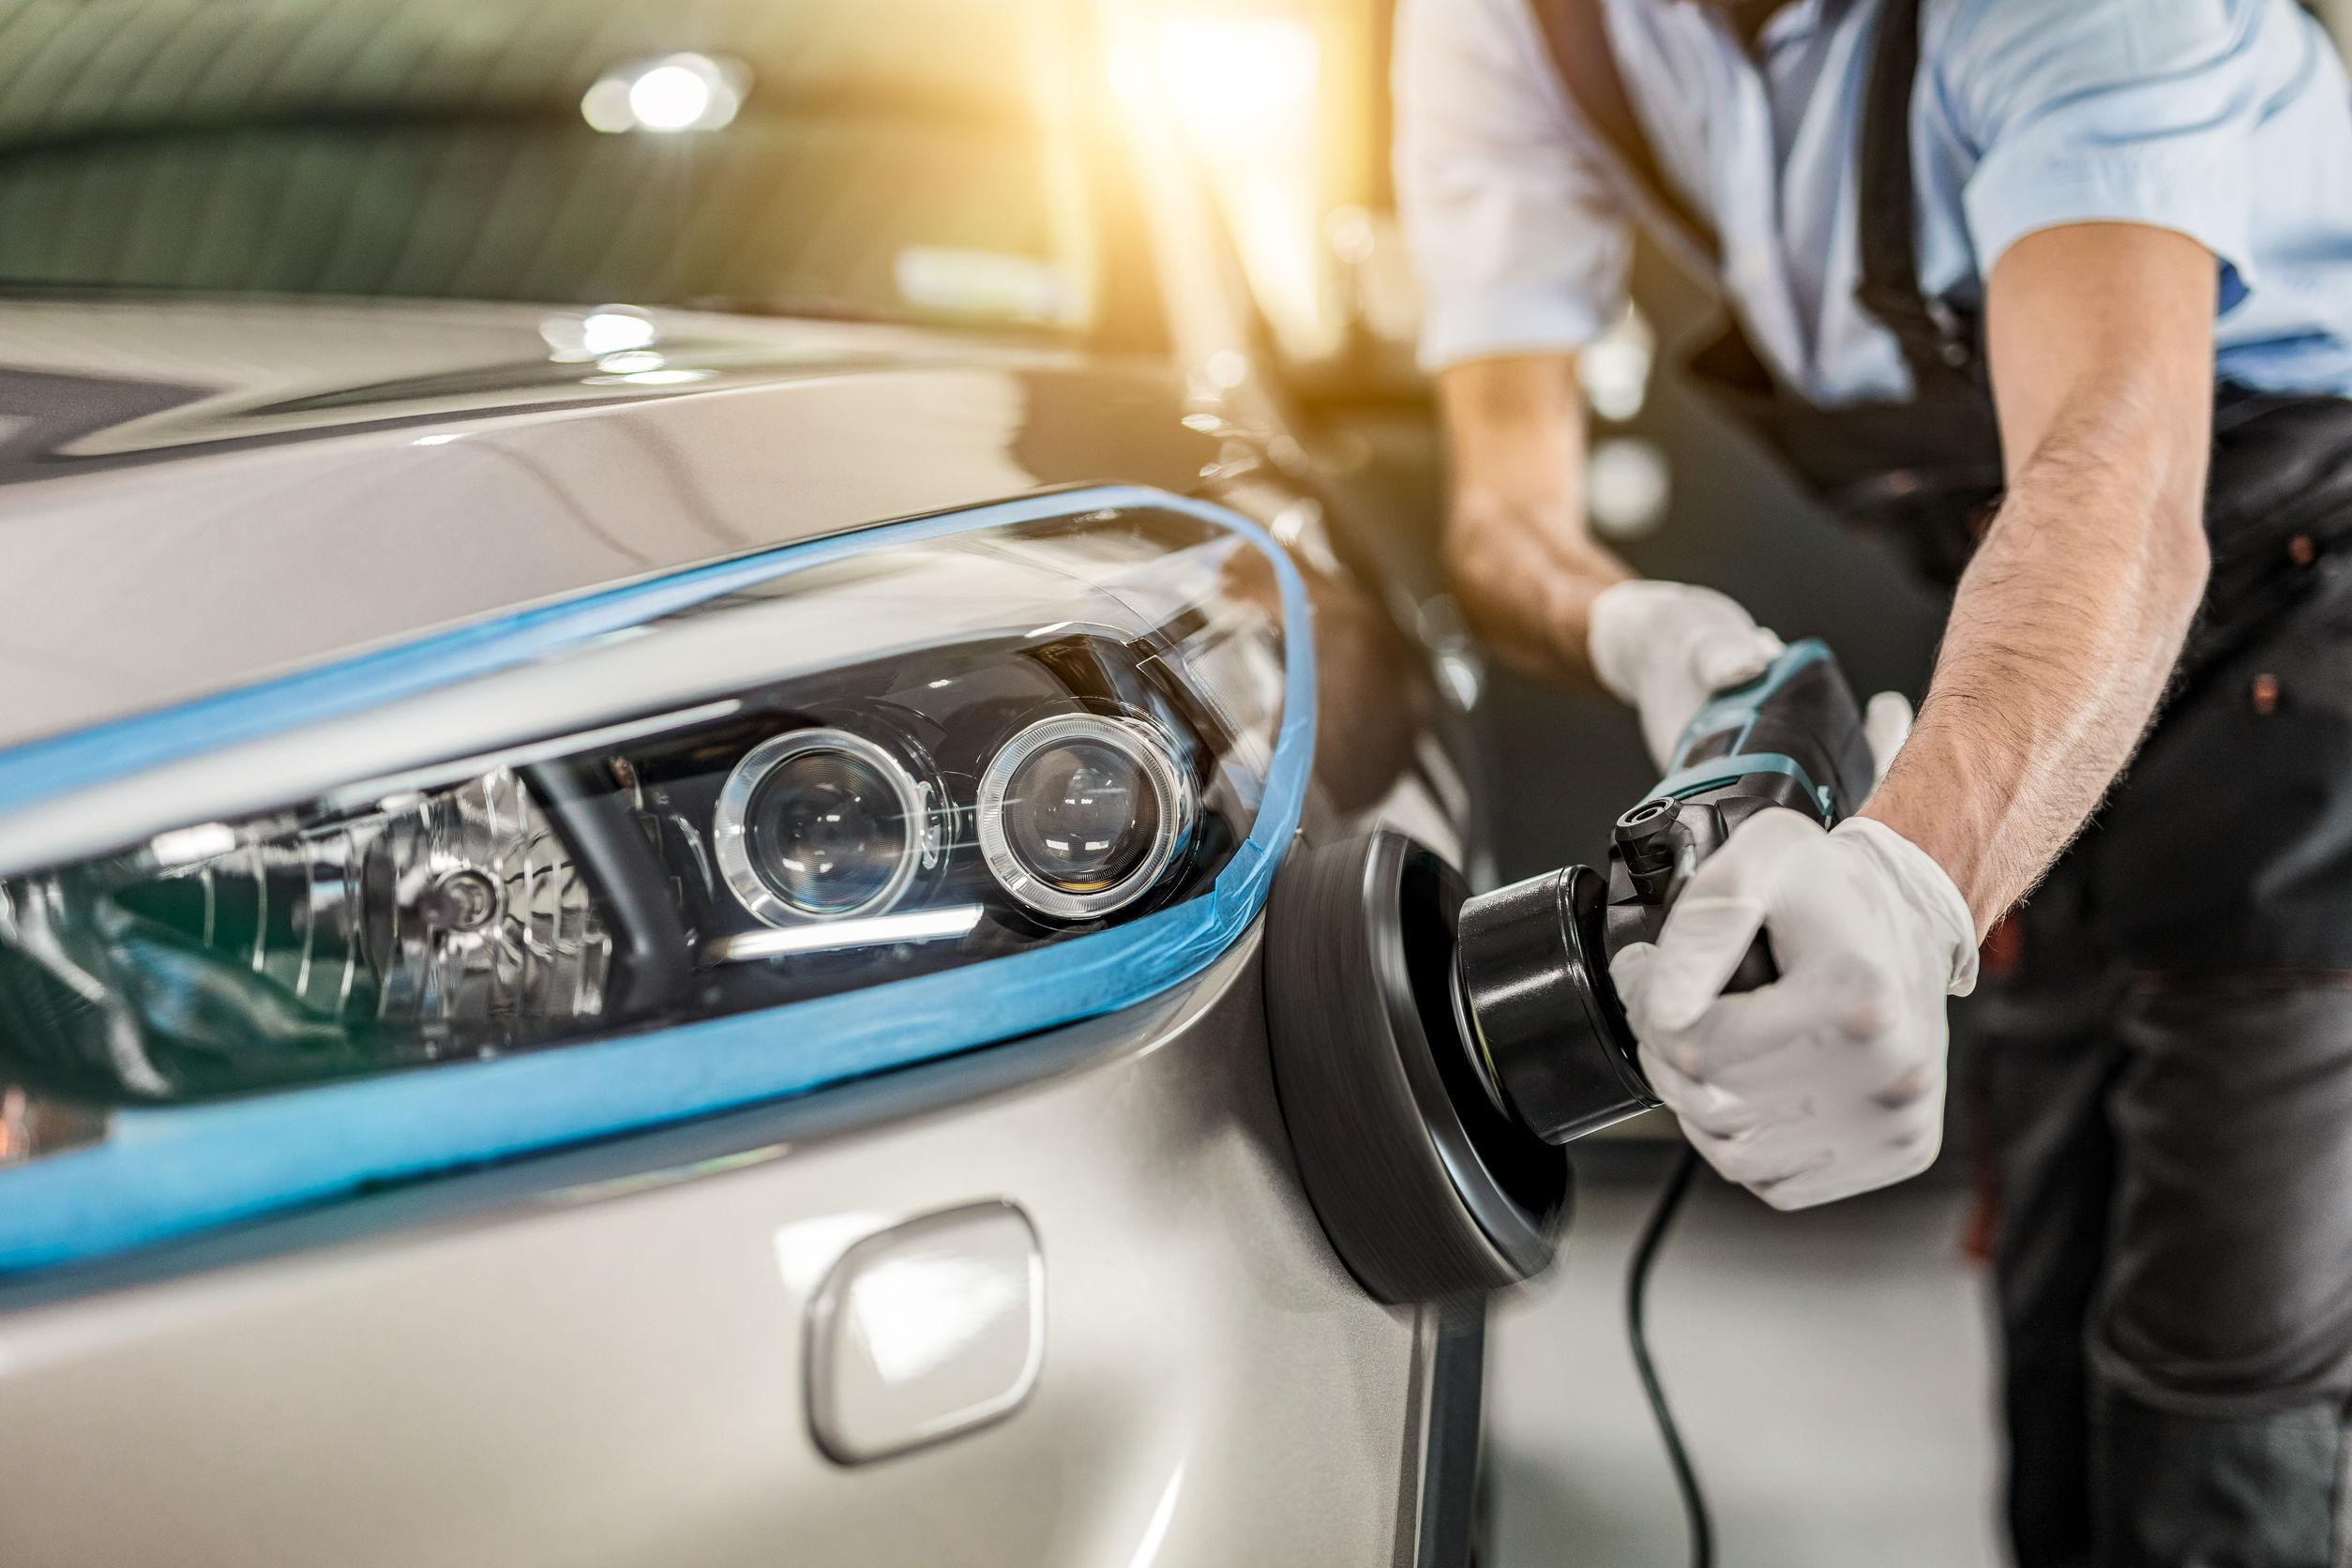 Pulidoras para auto: ¿Cuáles son las mejores del 2021?